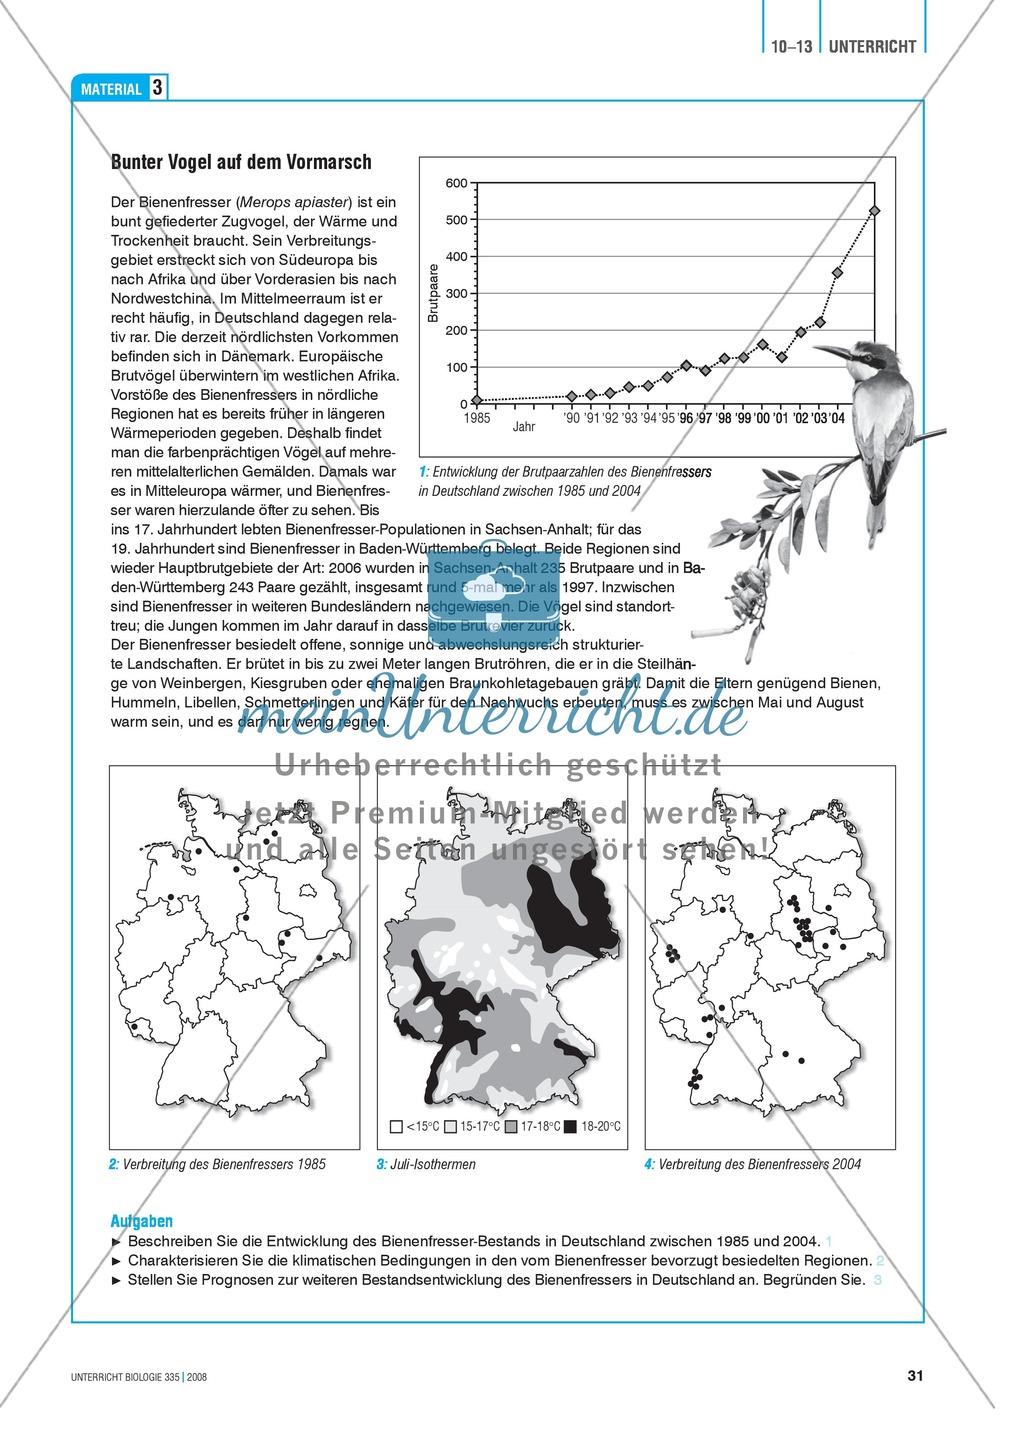 Klimawandel und Vogelzug: Der Einfluss von Klimaveränderungen auf das Verhalten von Vögeln - Info-Text und Aufgaben Preview 5